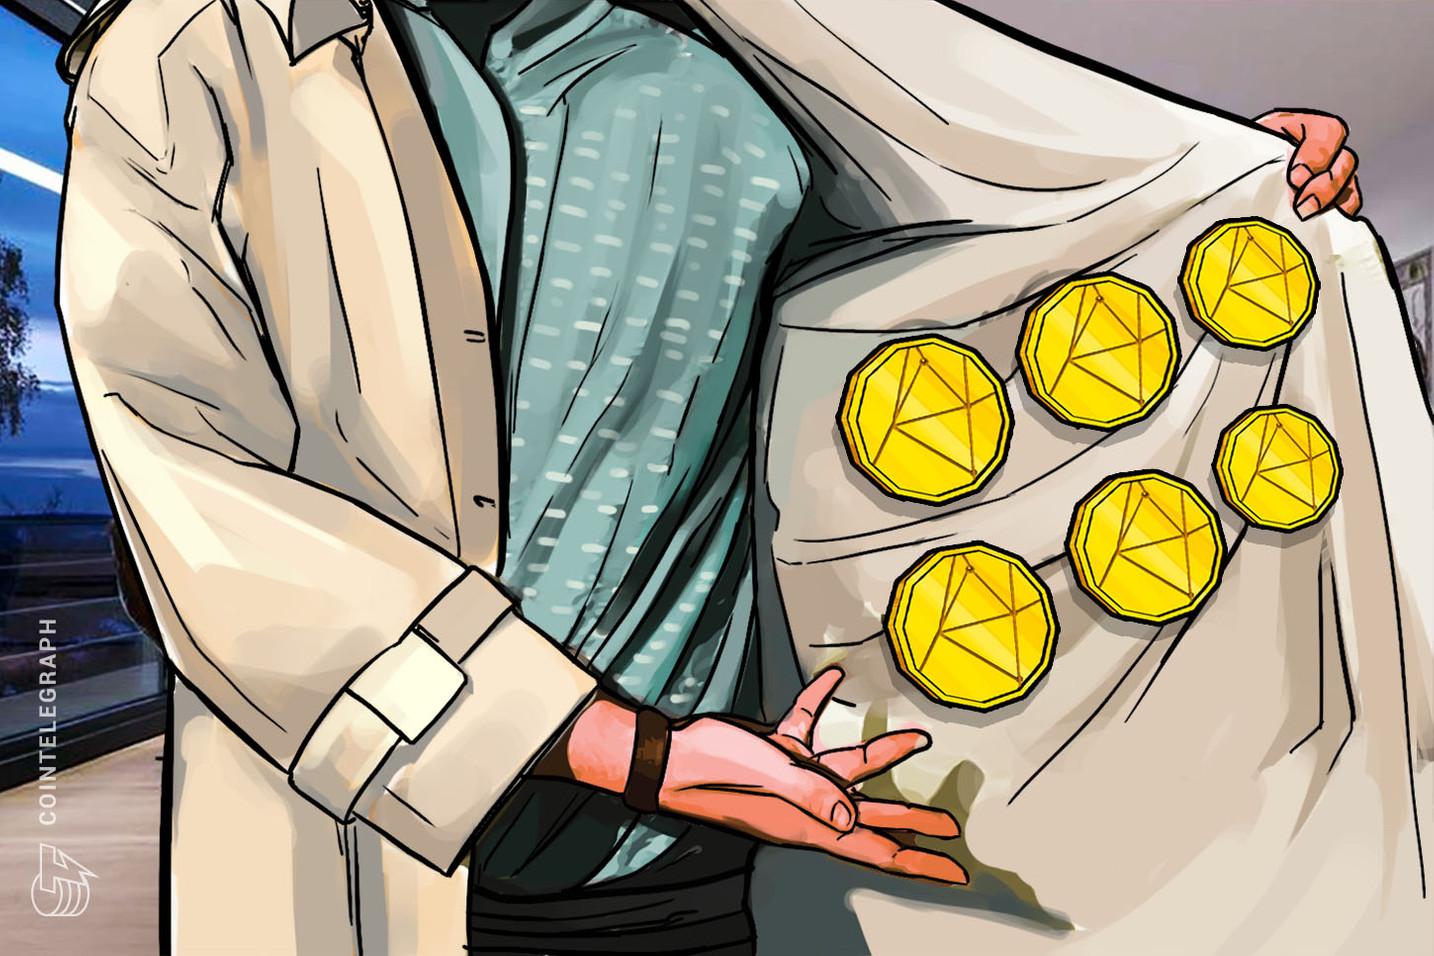 LA-Händler für illegale Bitcoin-Fiat-Wechselgeschäfte vor Gericht